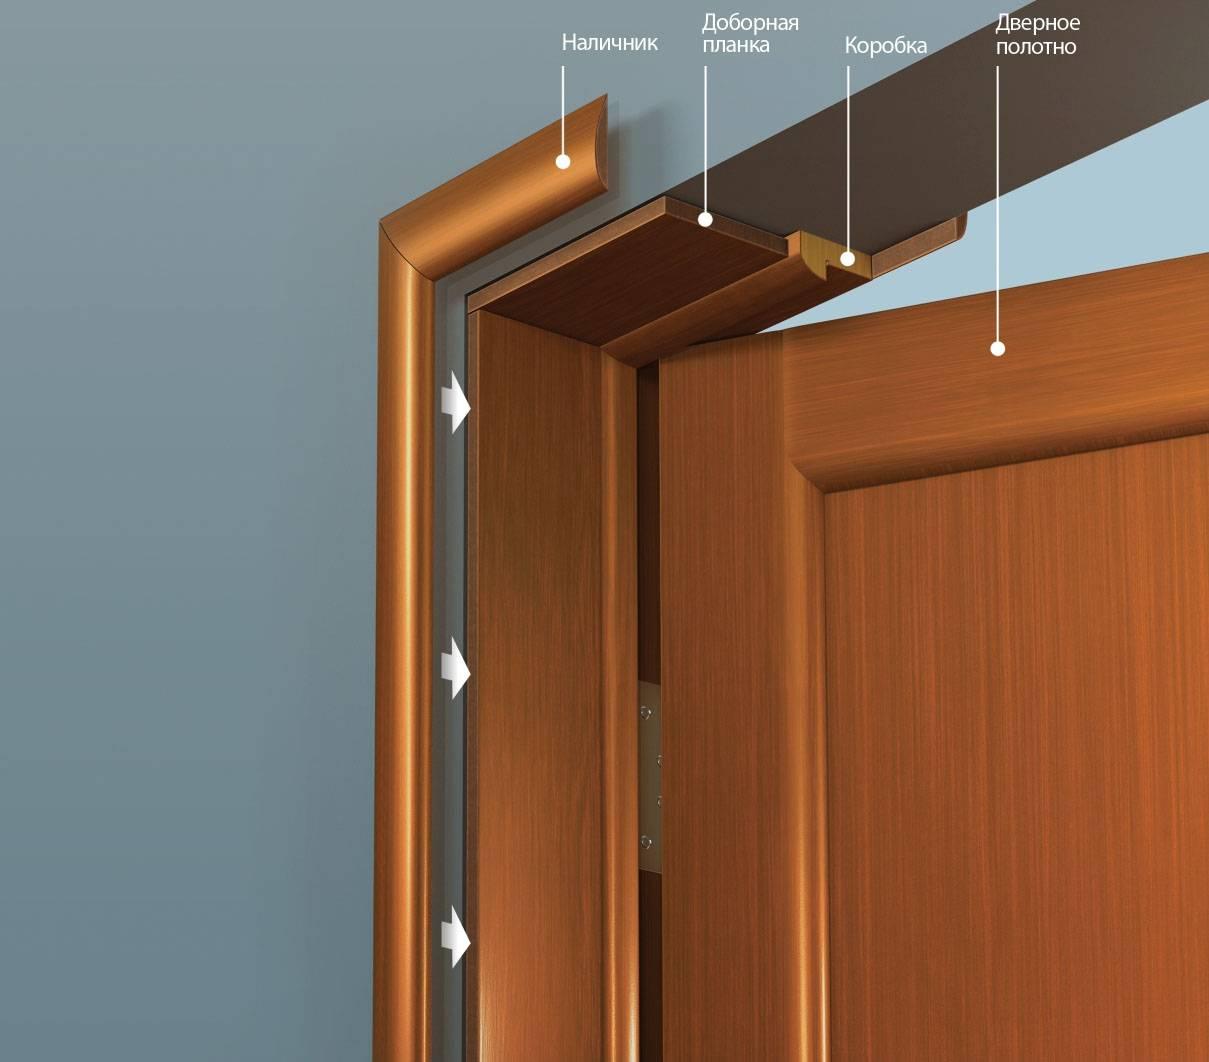 Дверной проём и его стандартные размеры